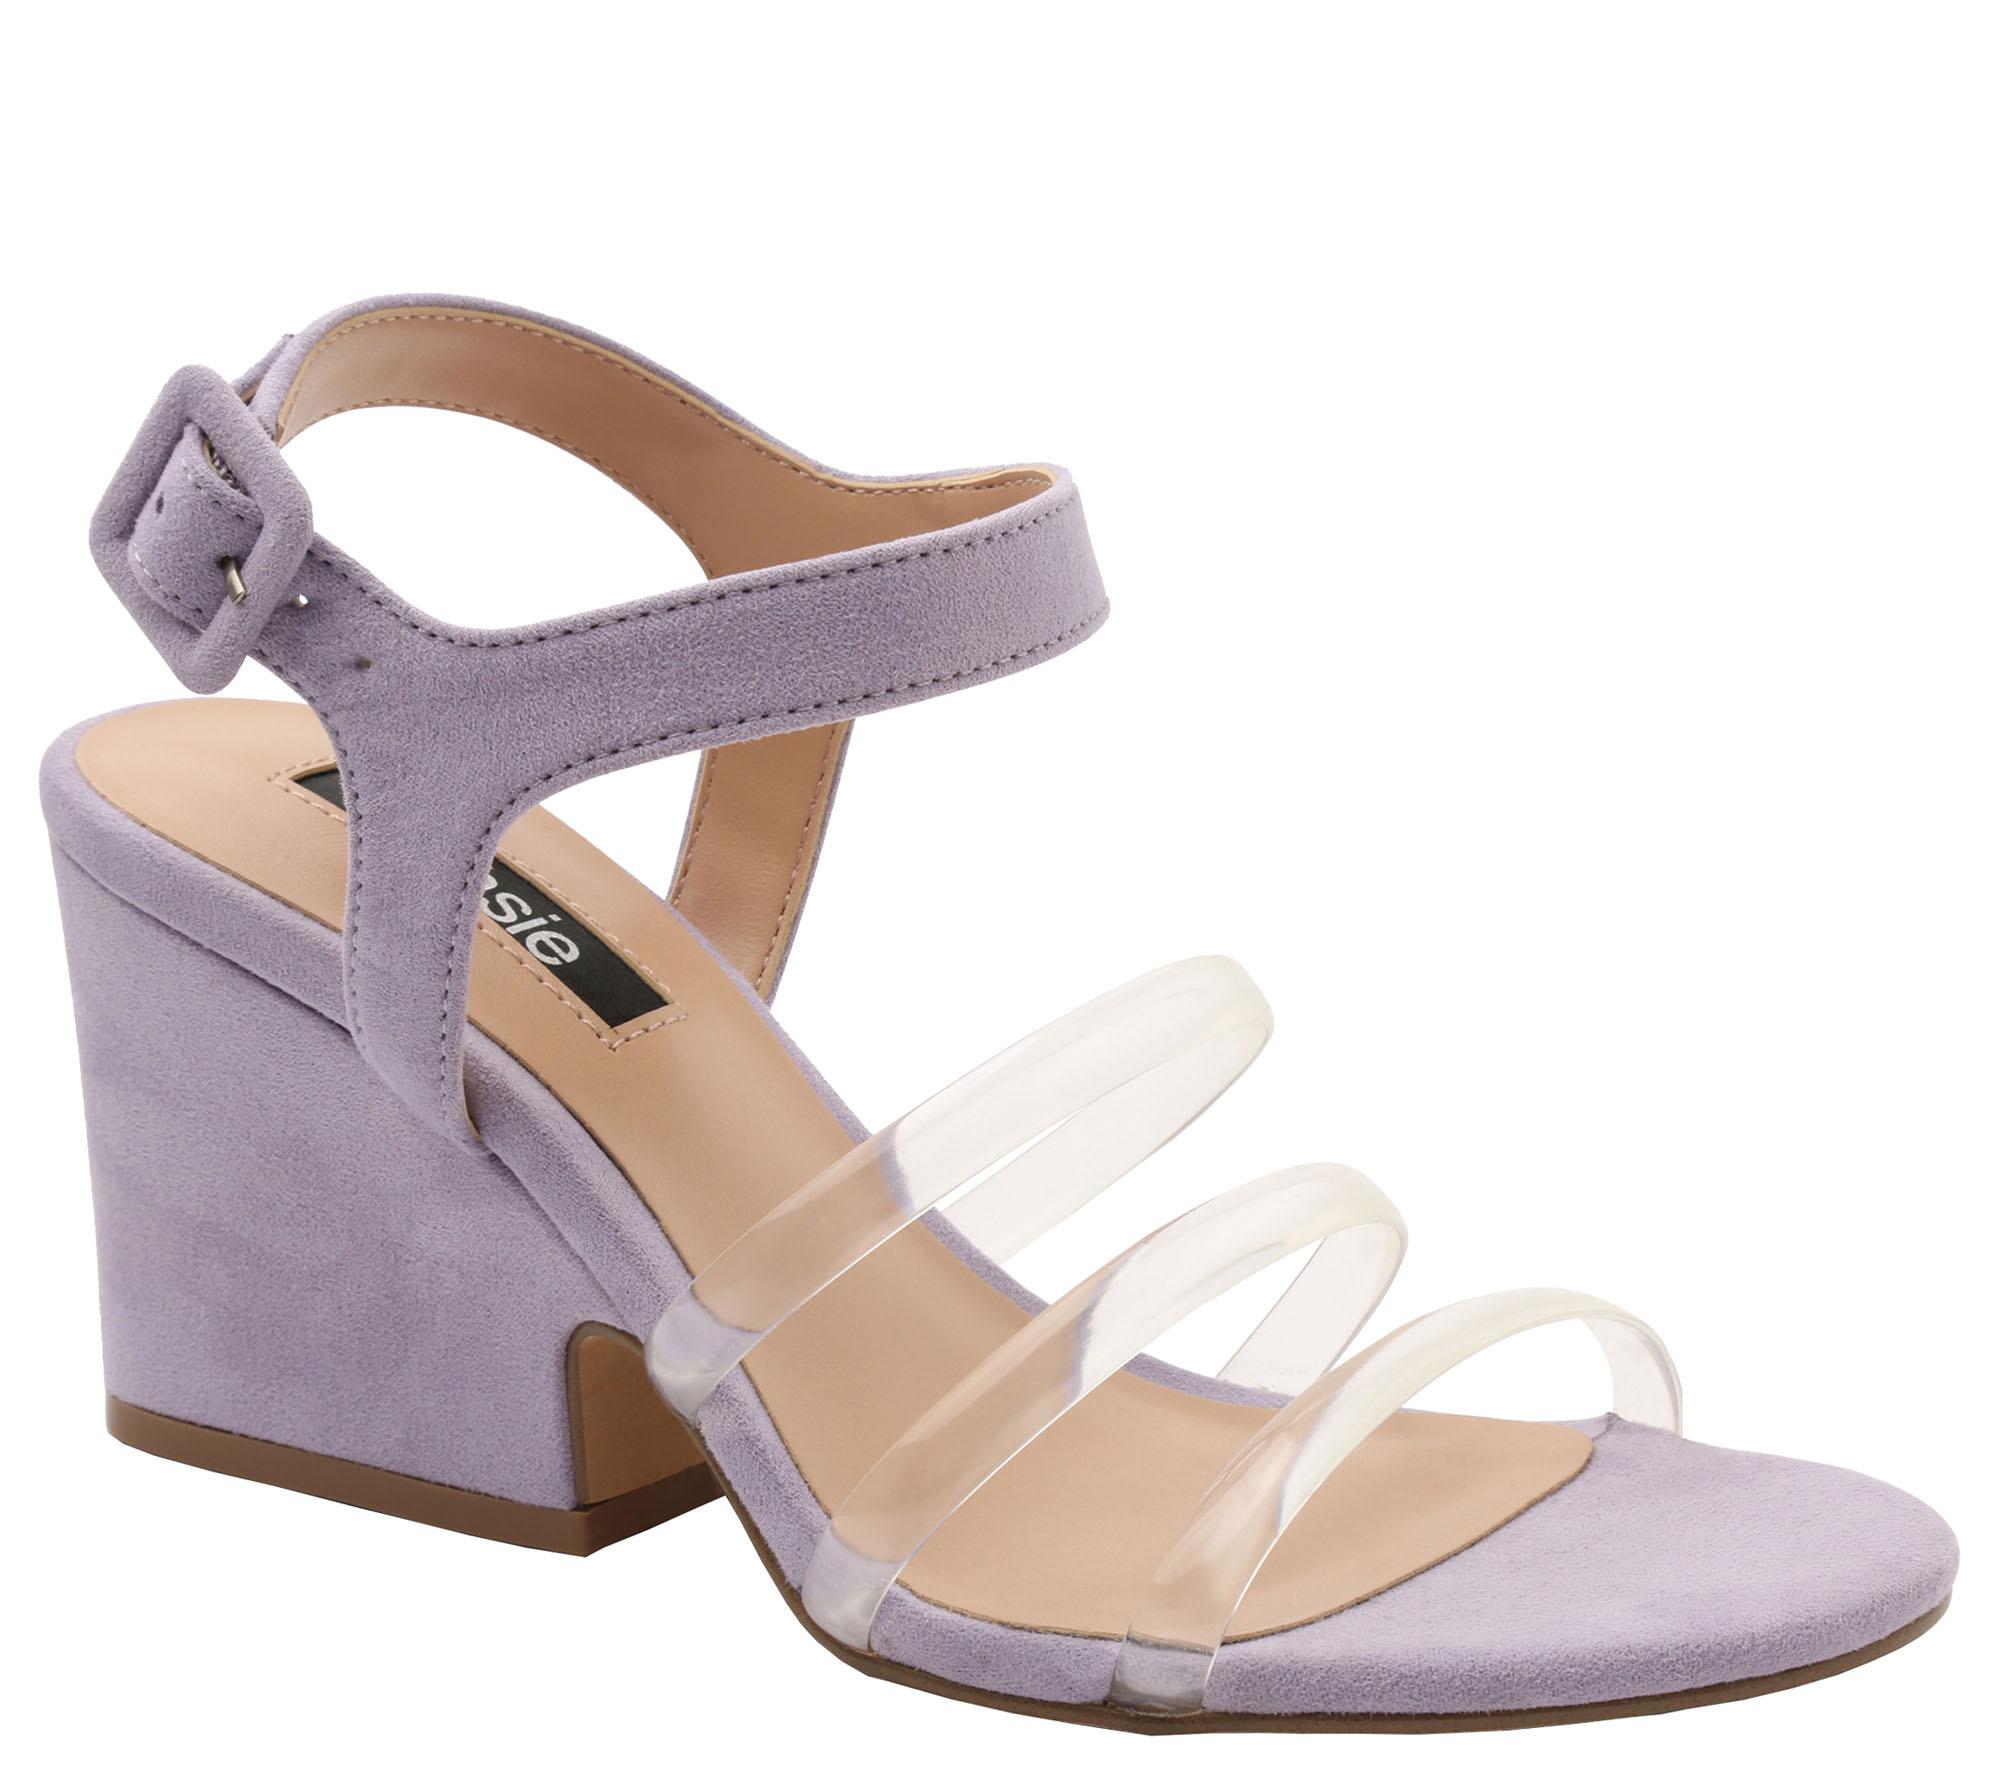 Kensie Ebony Sandals